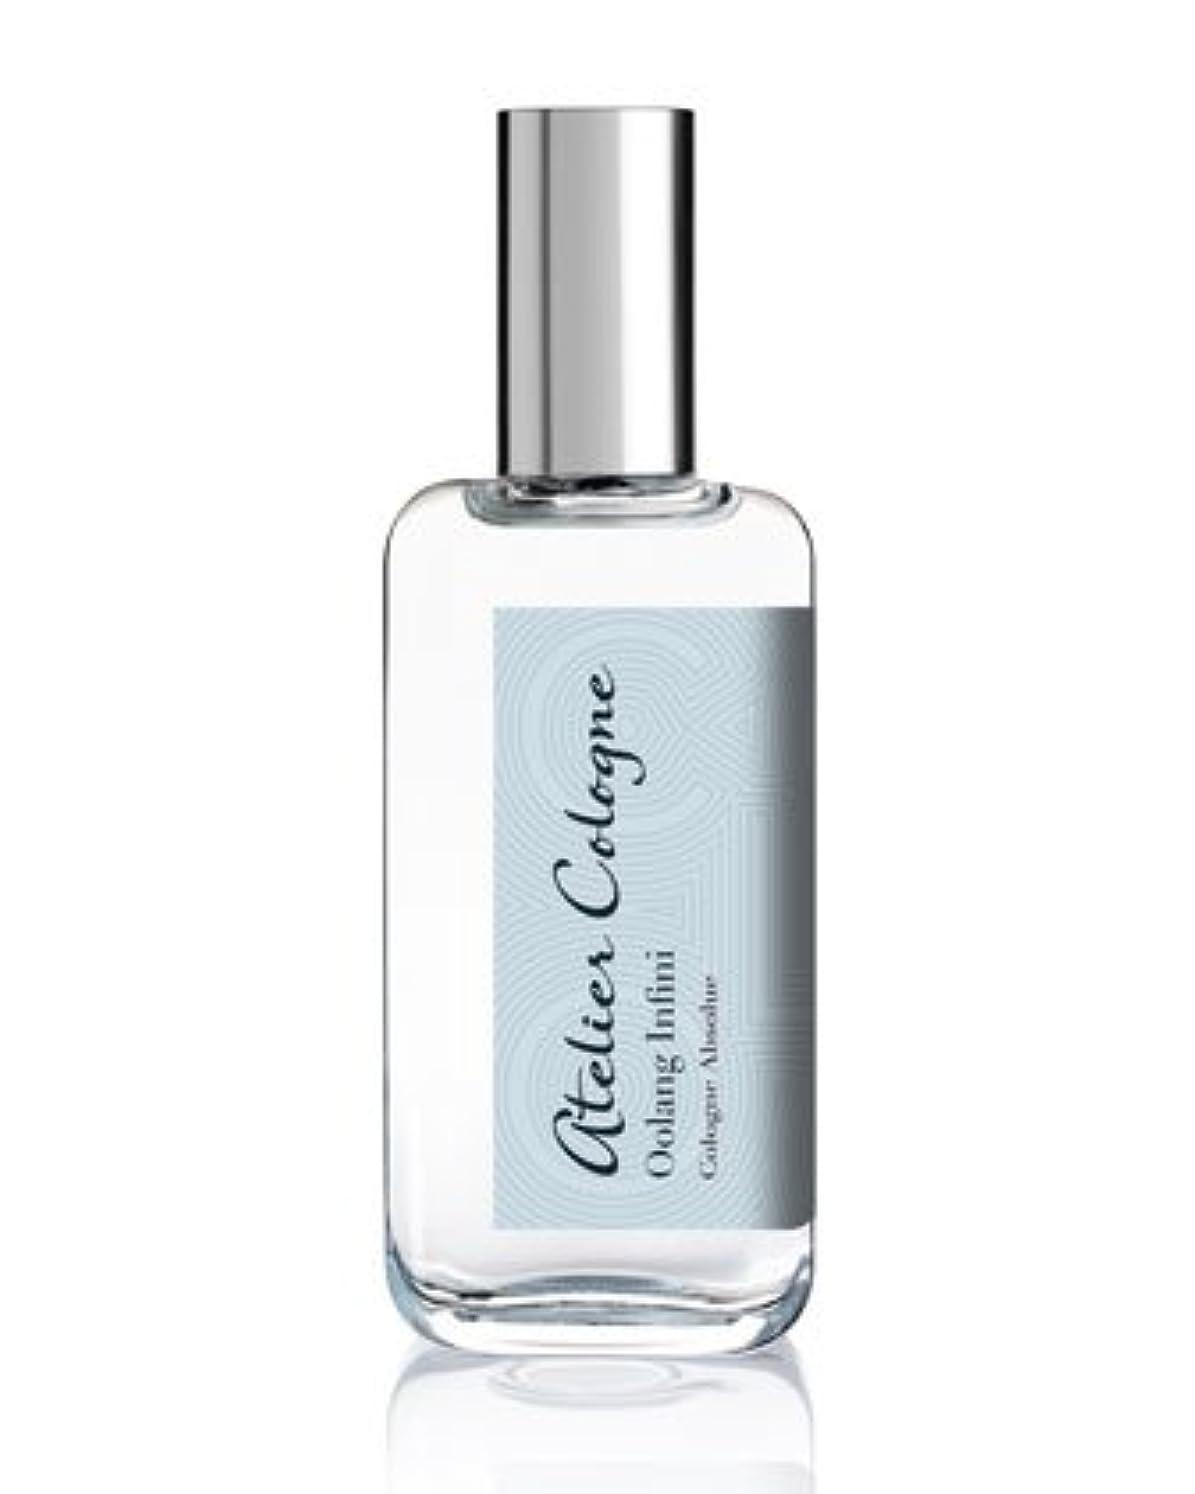 内陸スチールポーズAtelier Cologne Oolang Infini (アトリエコロンオーラングインフィニー) 1.0 oz (30ml) Cologne Absolue